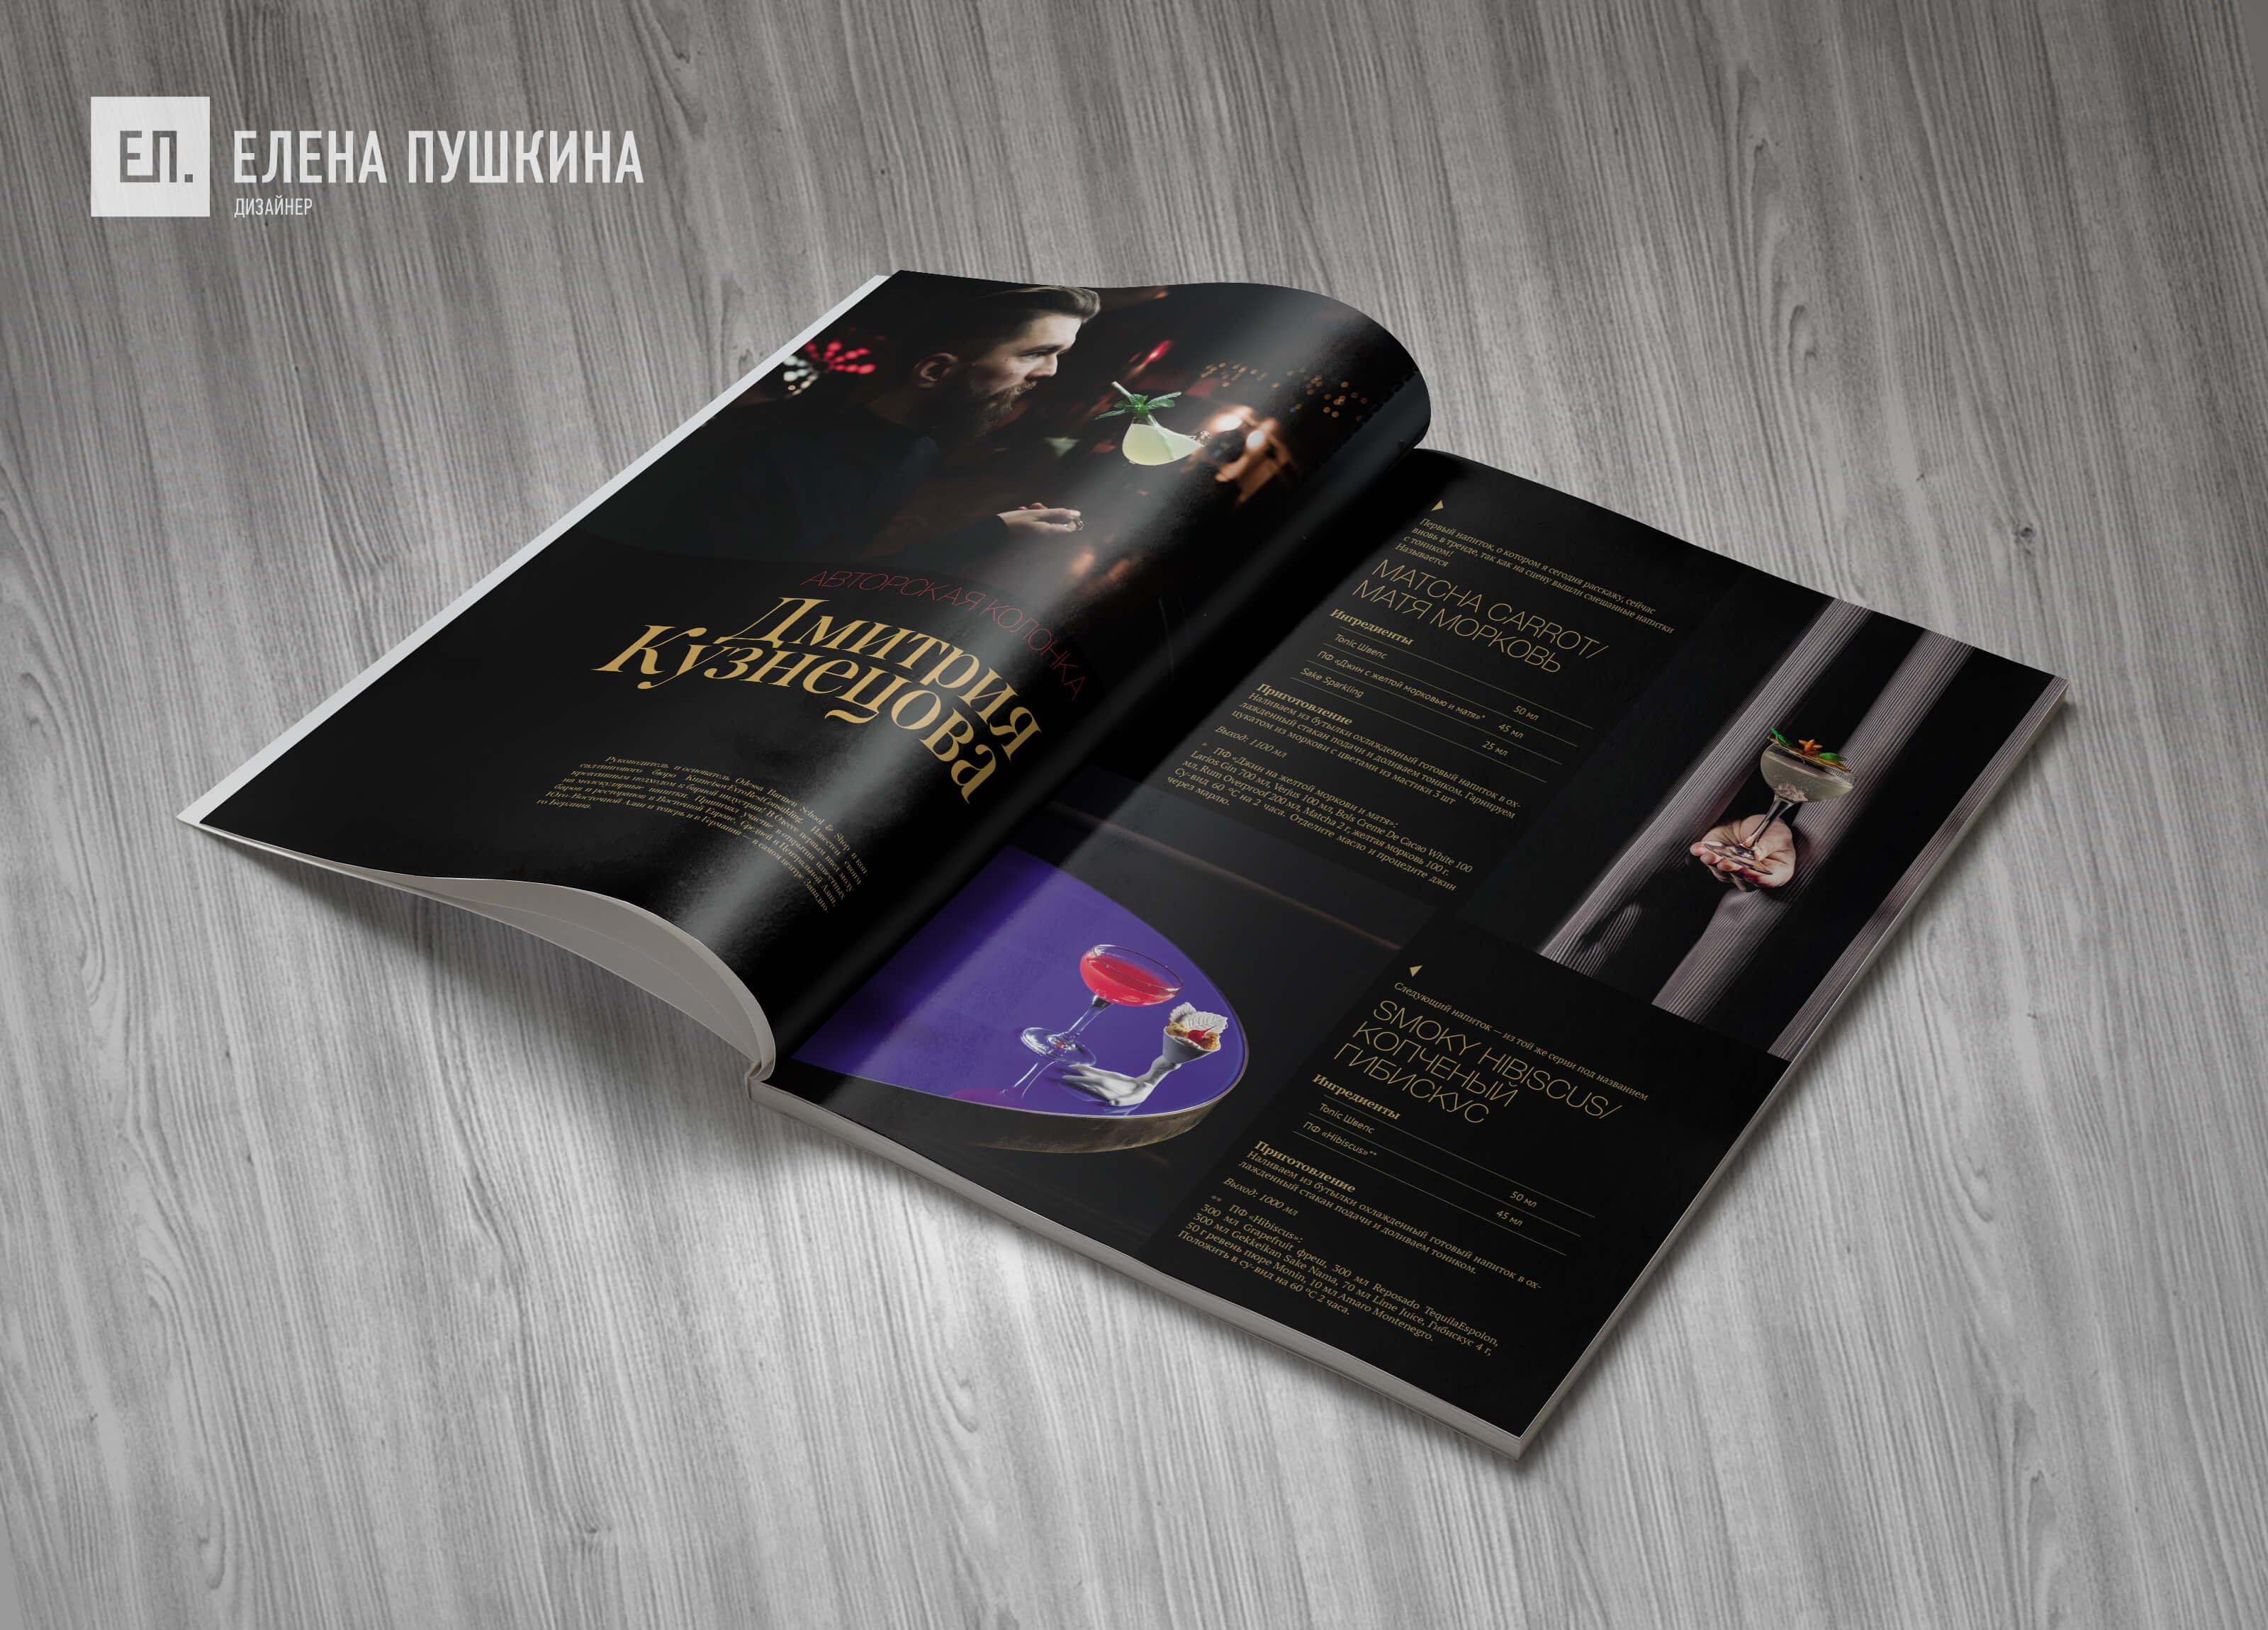 Глянцевый журнал «CoolBaba» №45 декабрь 2018 — разработка дизайна и вёрстка журнала Разработка журналов Портфолио